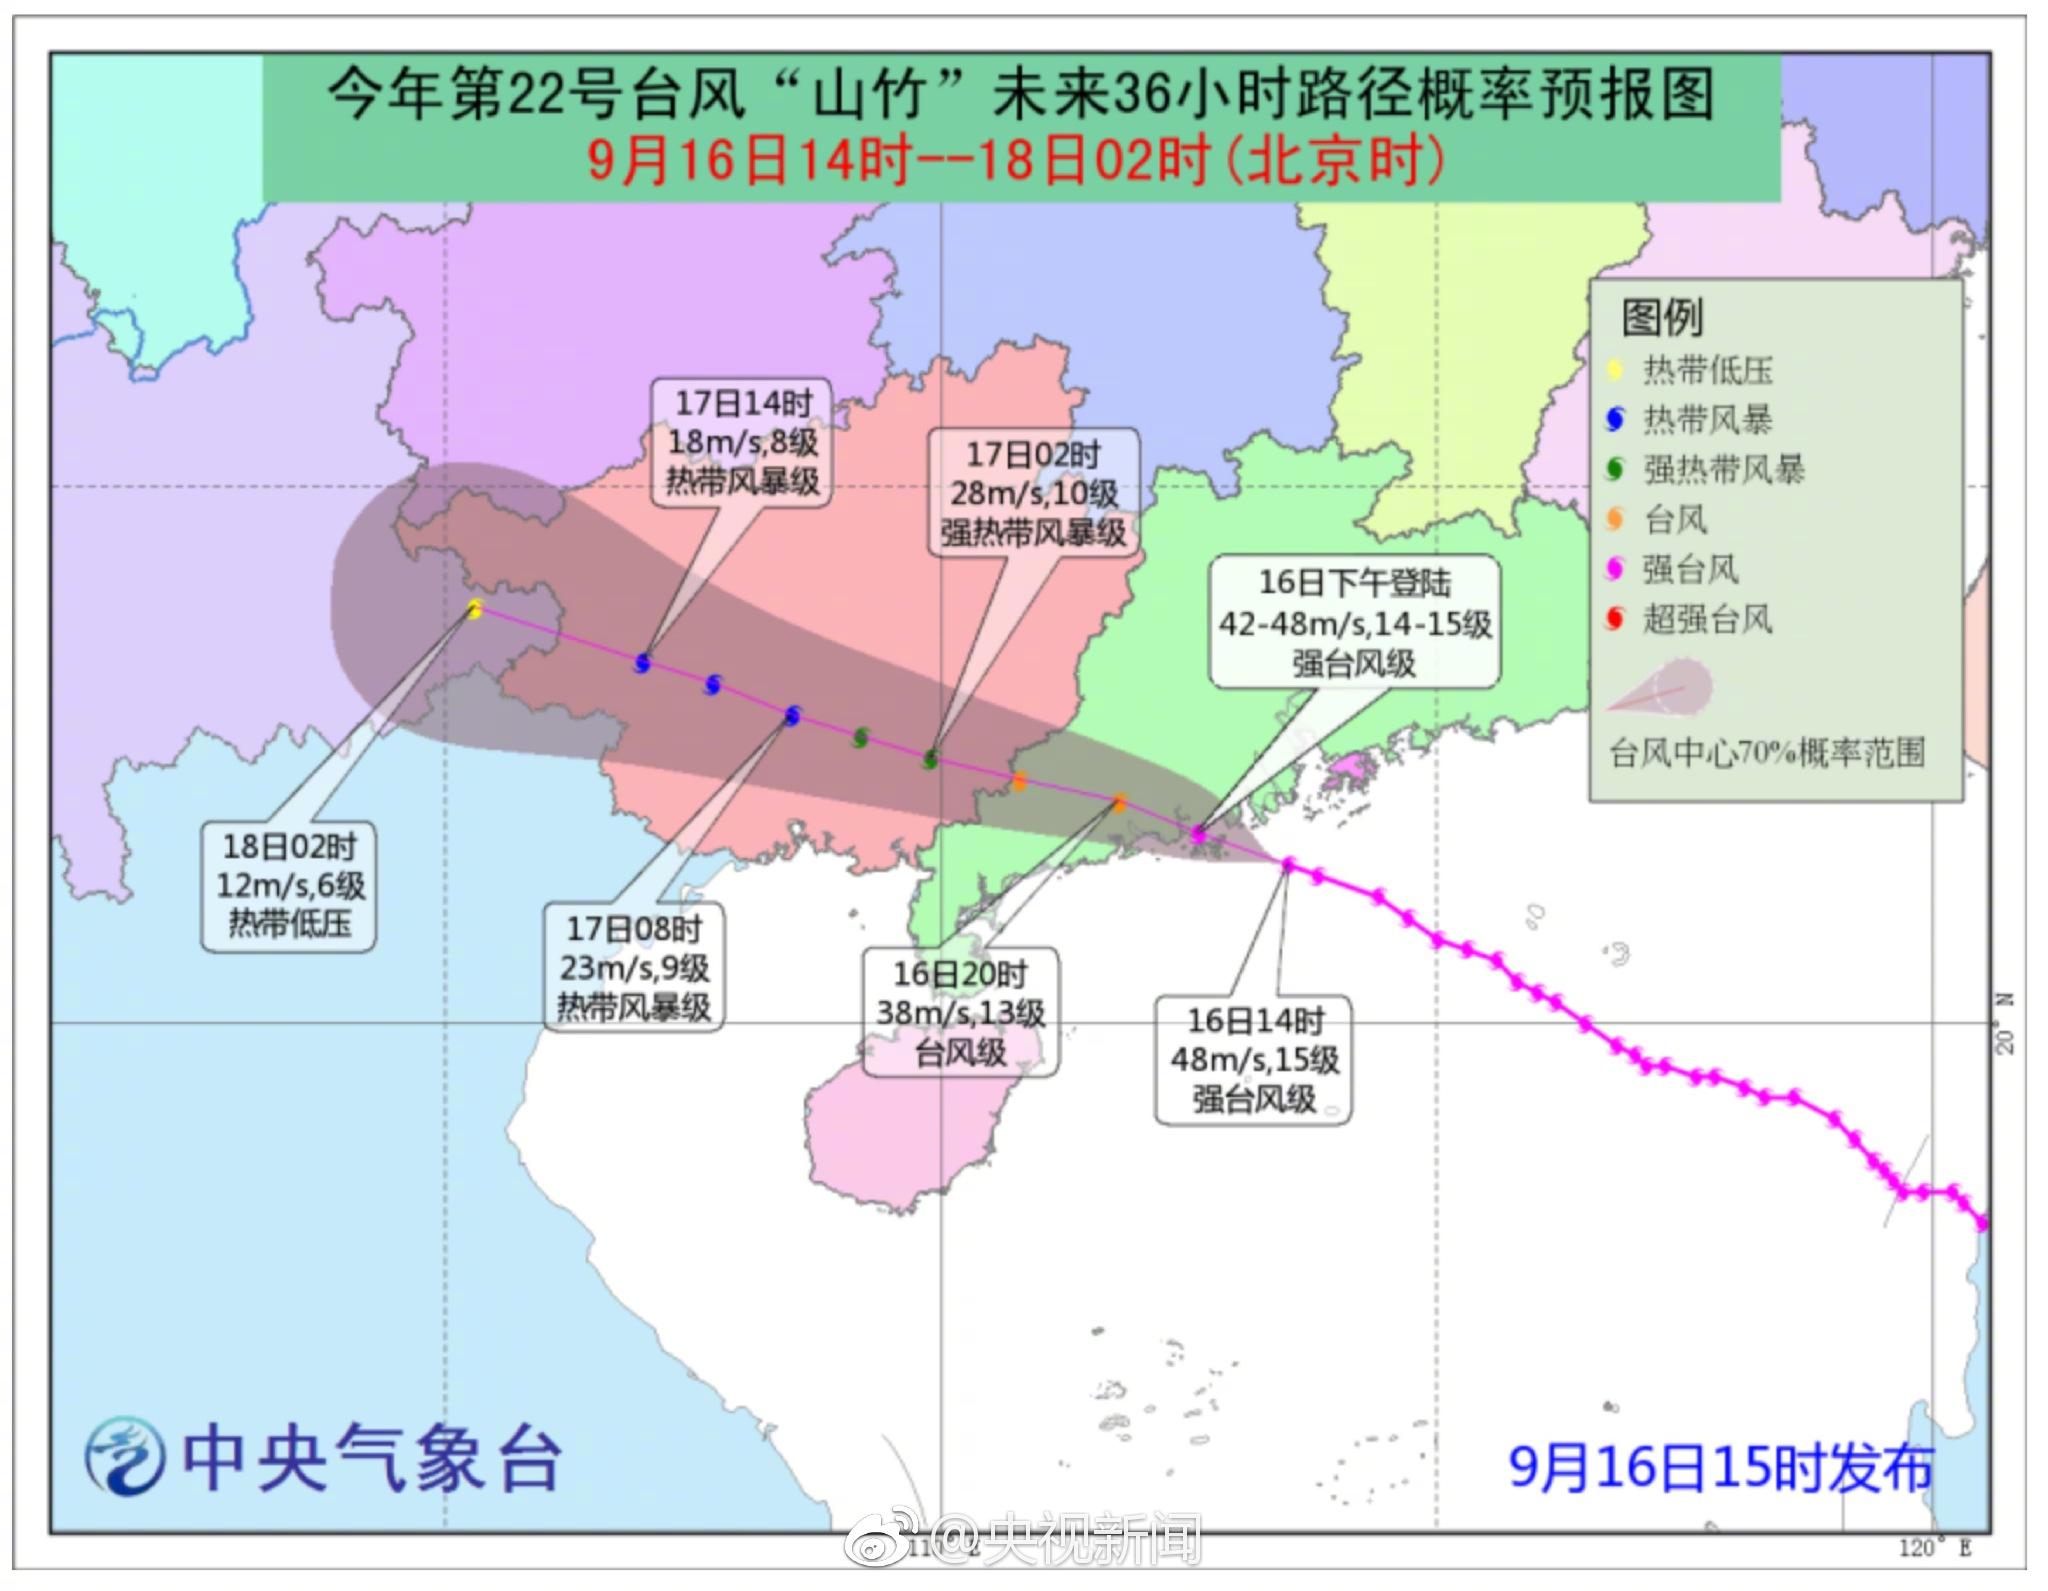 台风山竹最新消息 最大可能登陆时段在今天16-18时